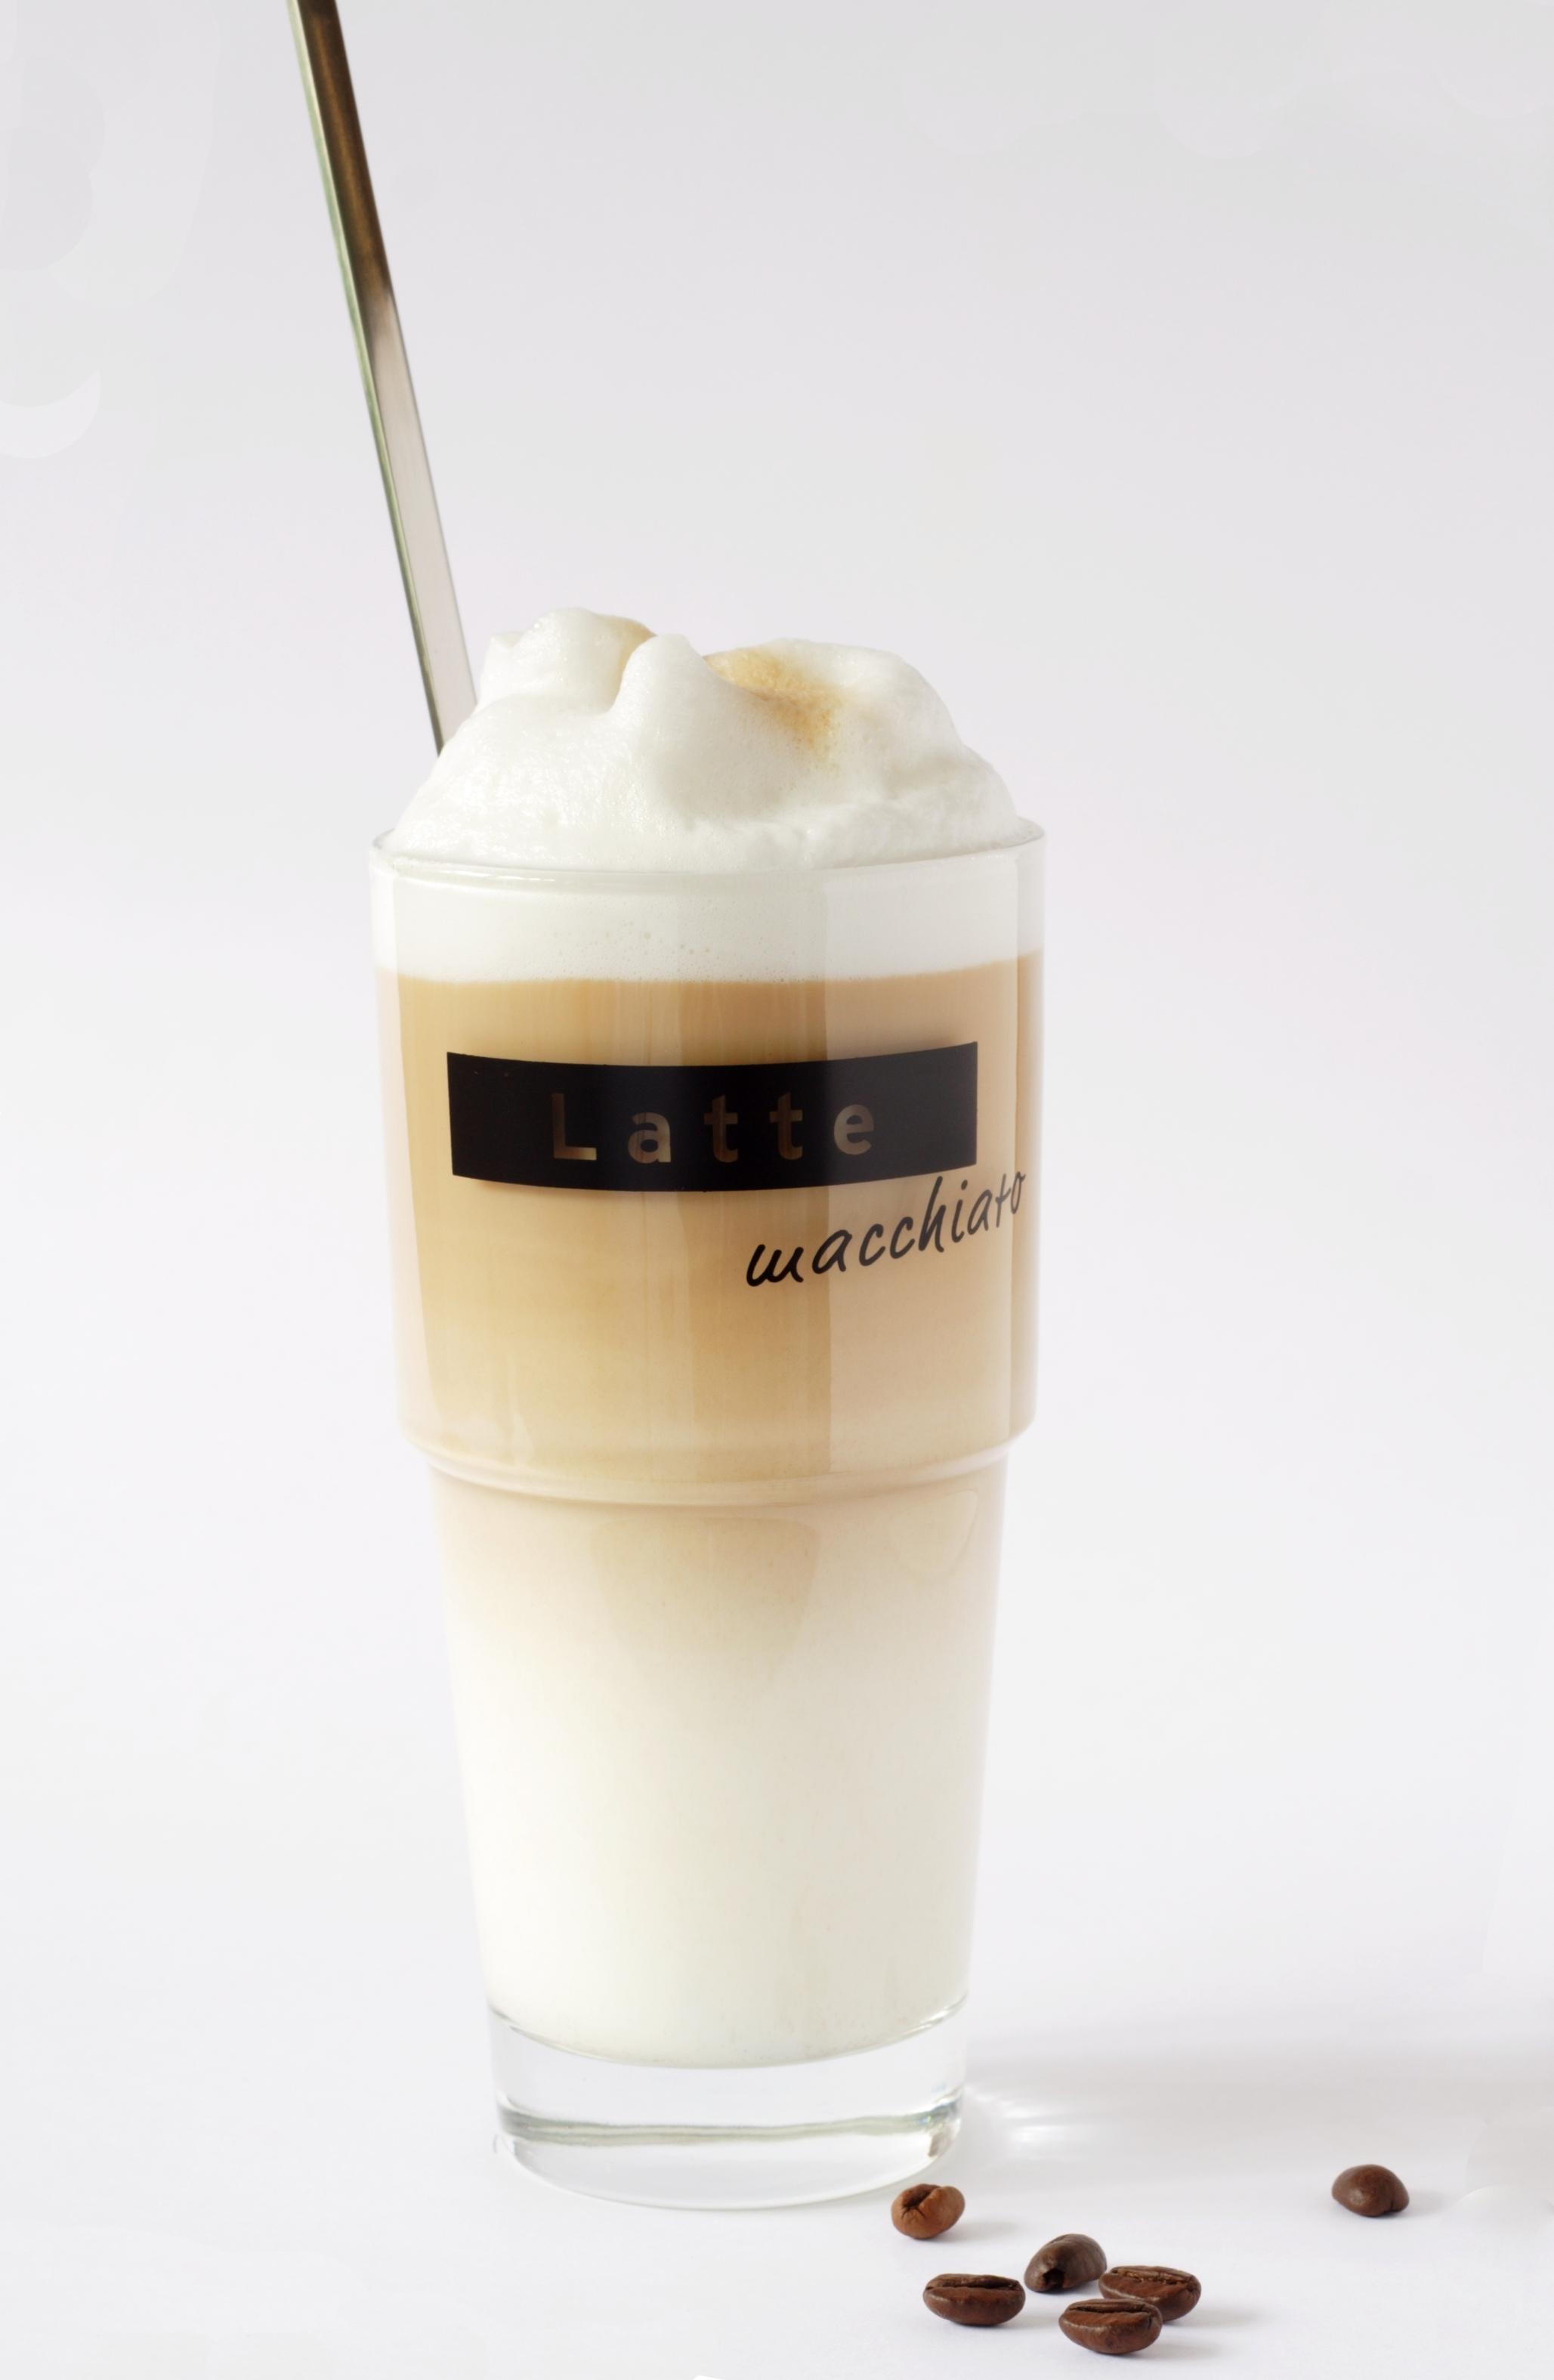 latte macchiato – wikipedia